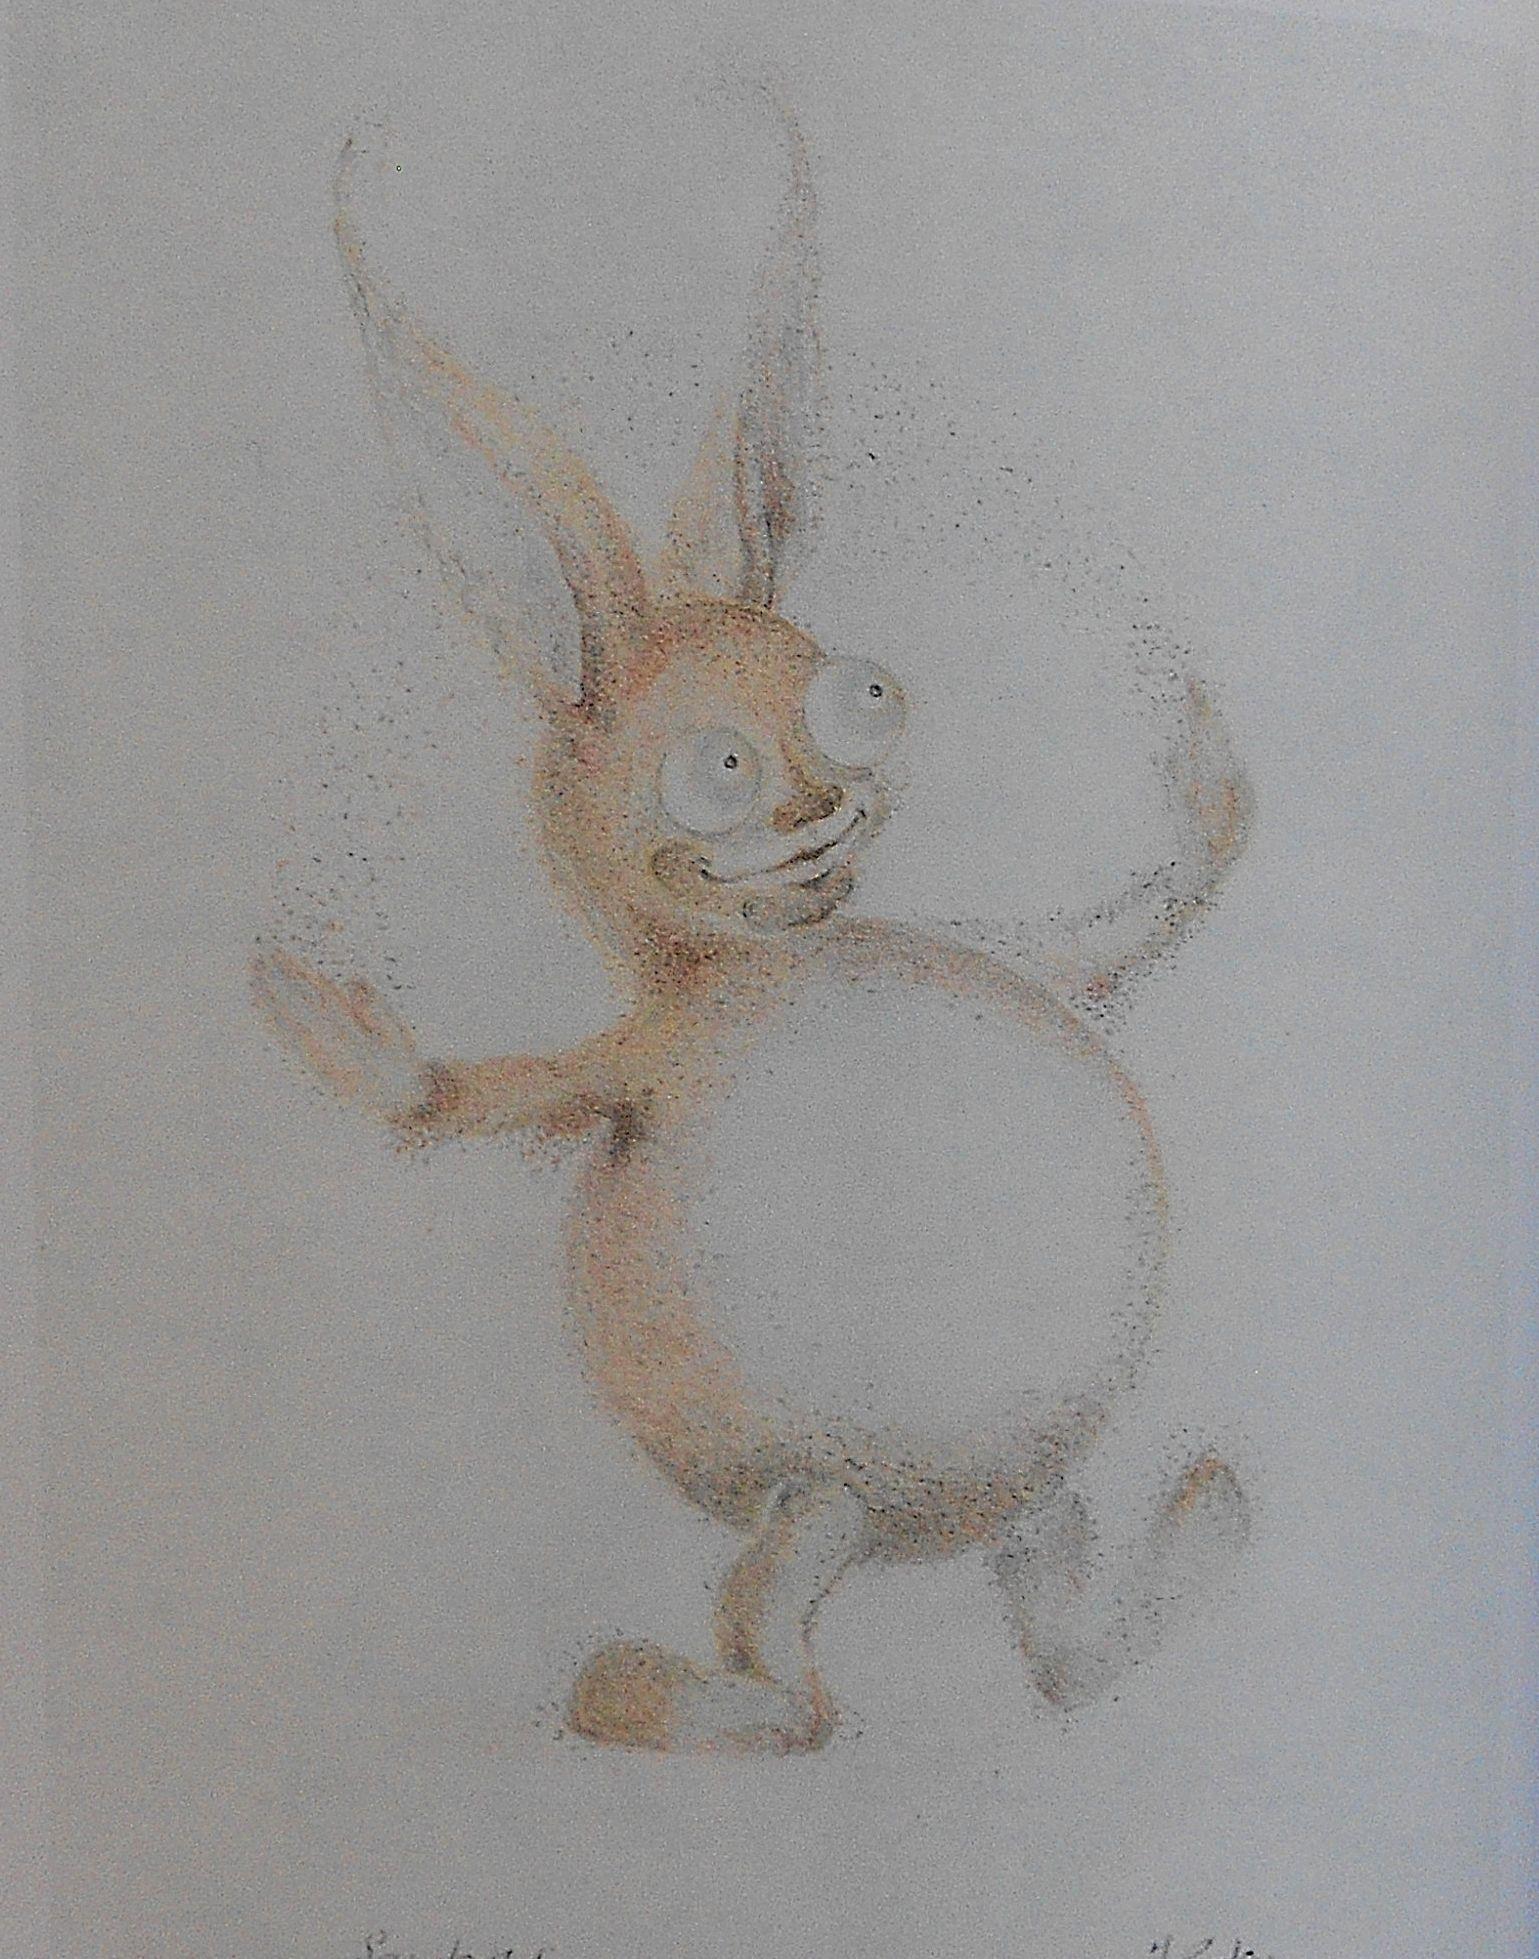 Sandgoblin aus Findhorn